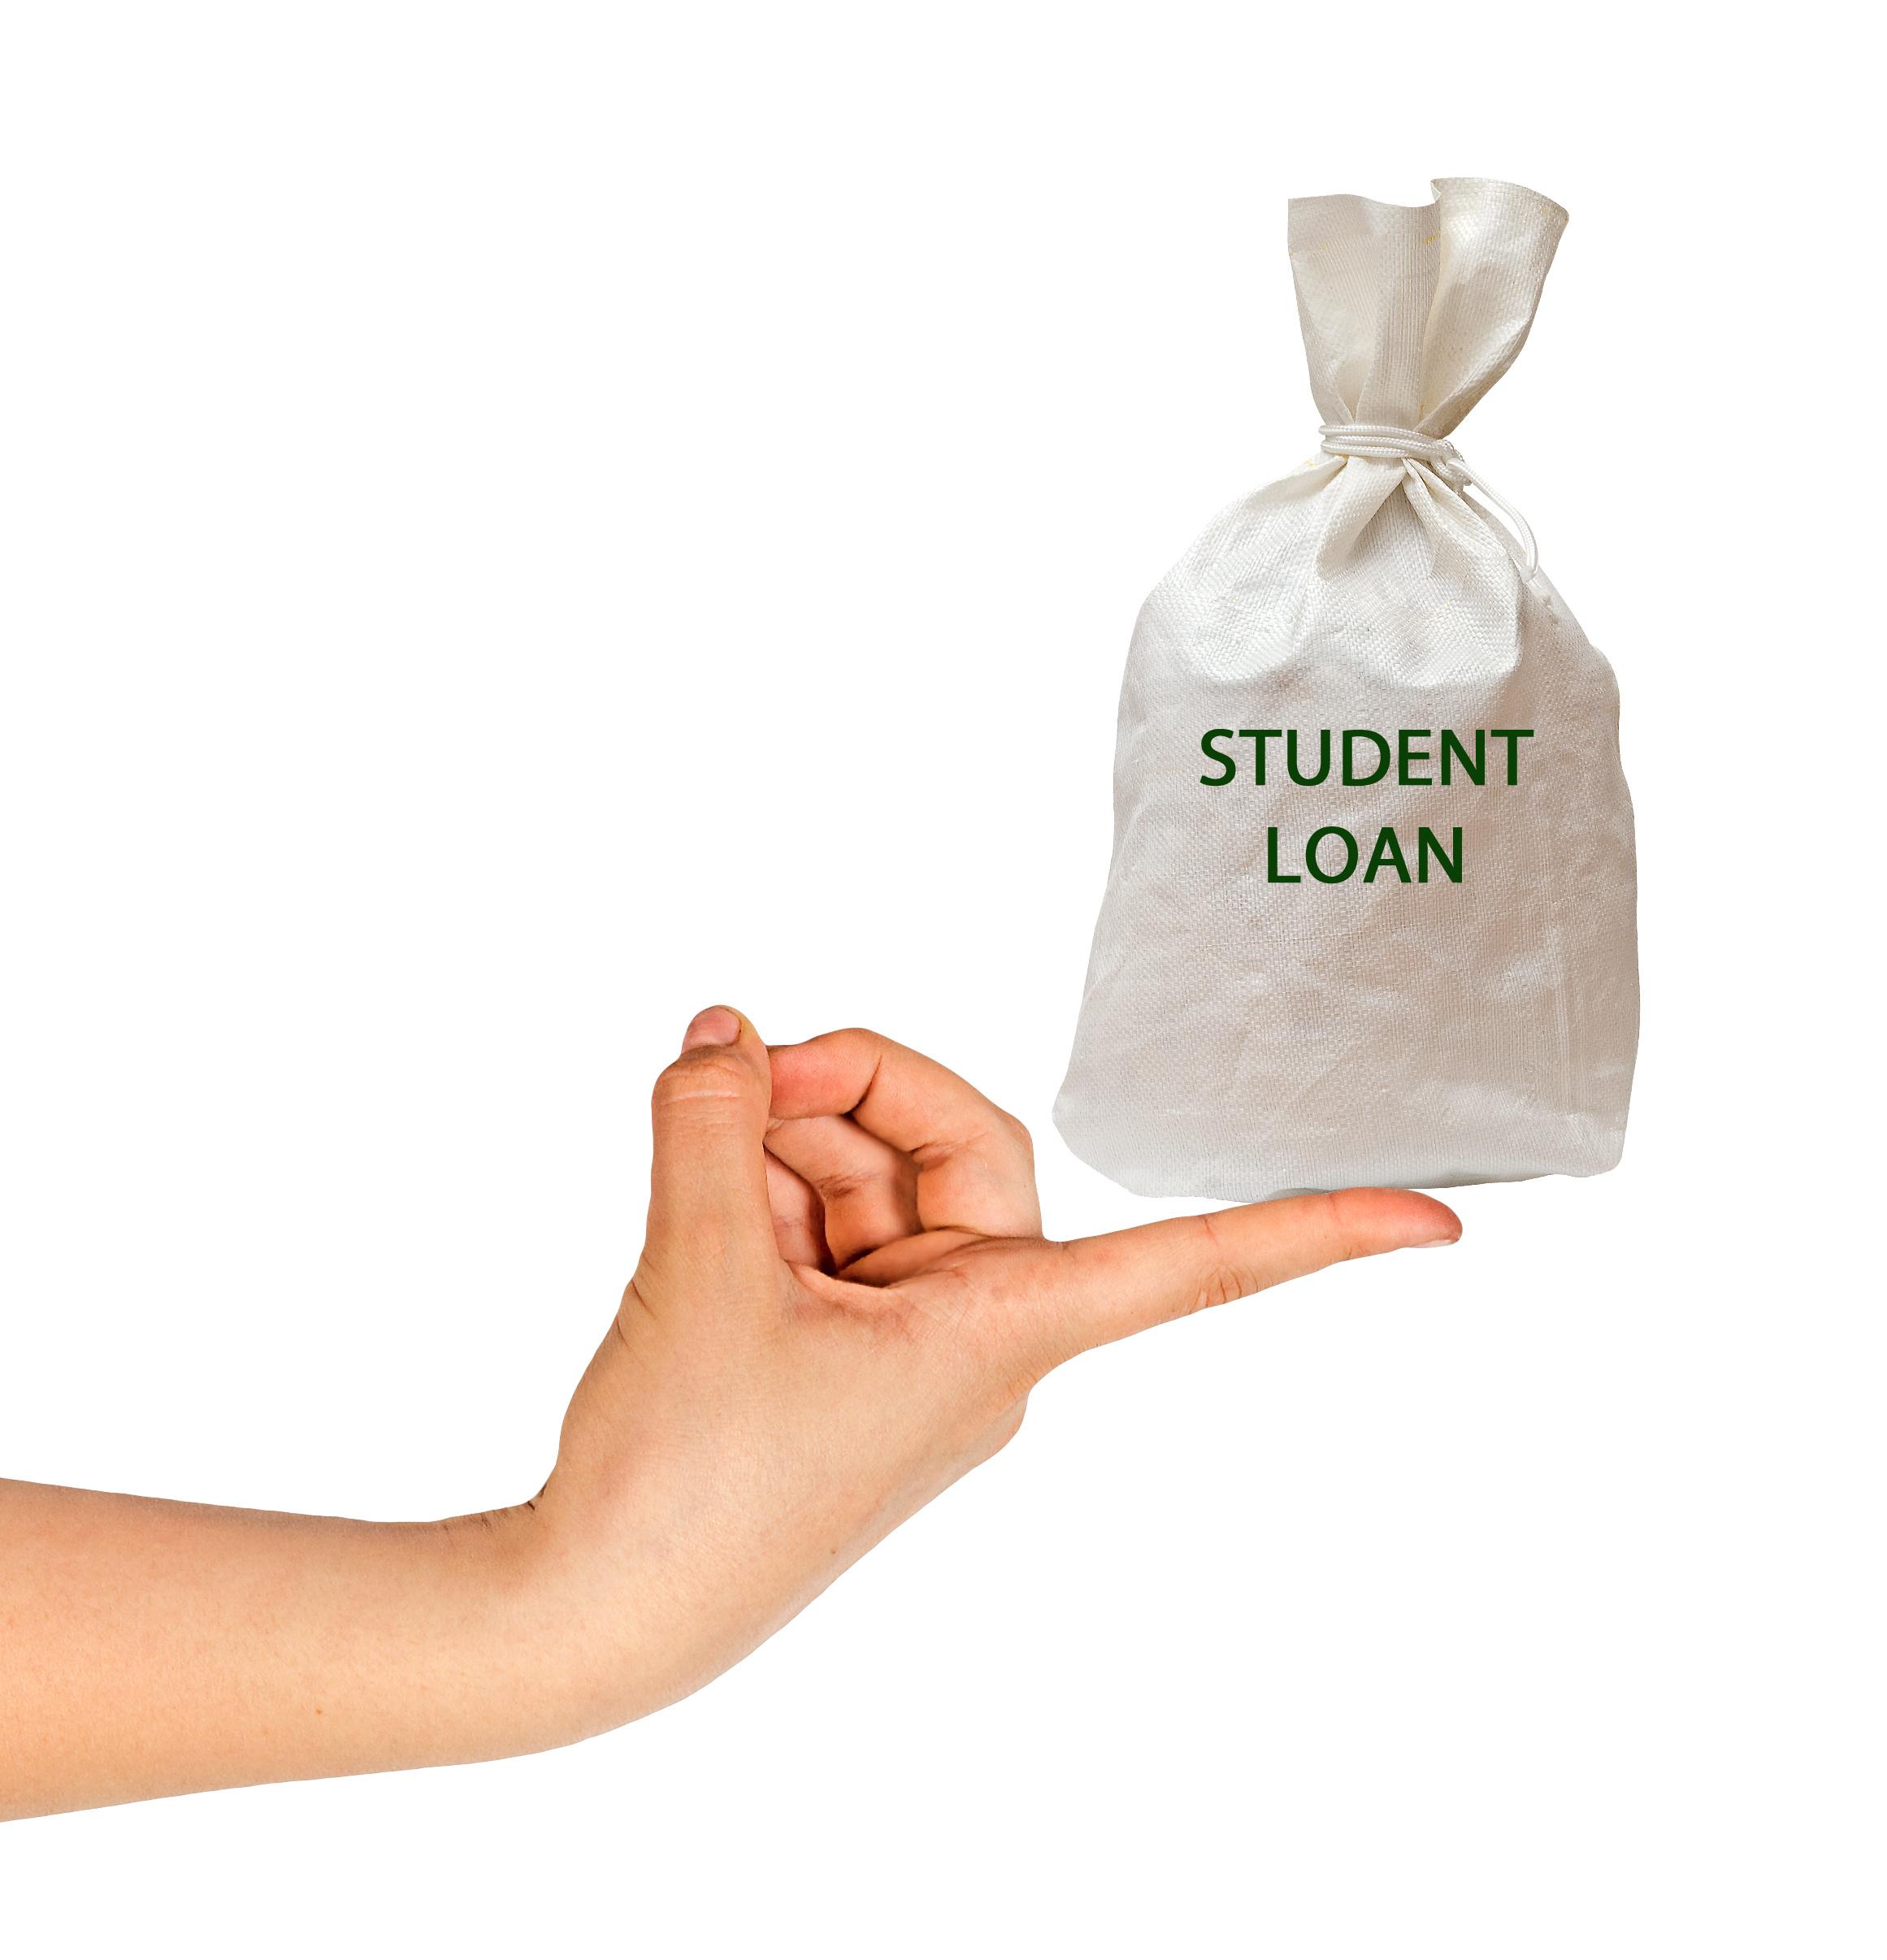 日本学生支援機構など貸与型奨学金にはどのような制度が存在する?利用時には返済のことも理解する必要がある